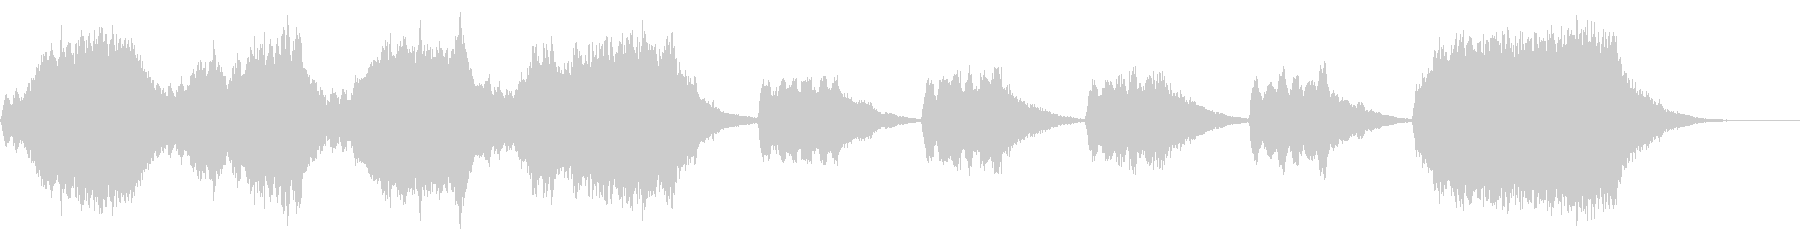 ストリングス系30秒ジングル「兆し」の未再生の波形